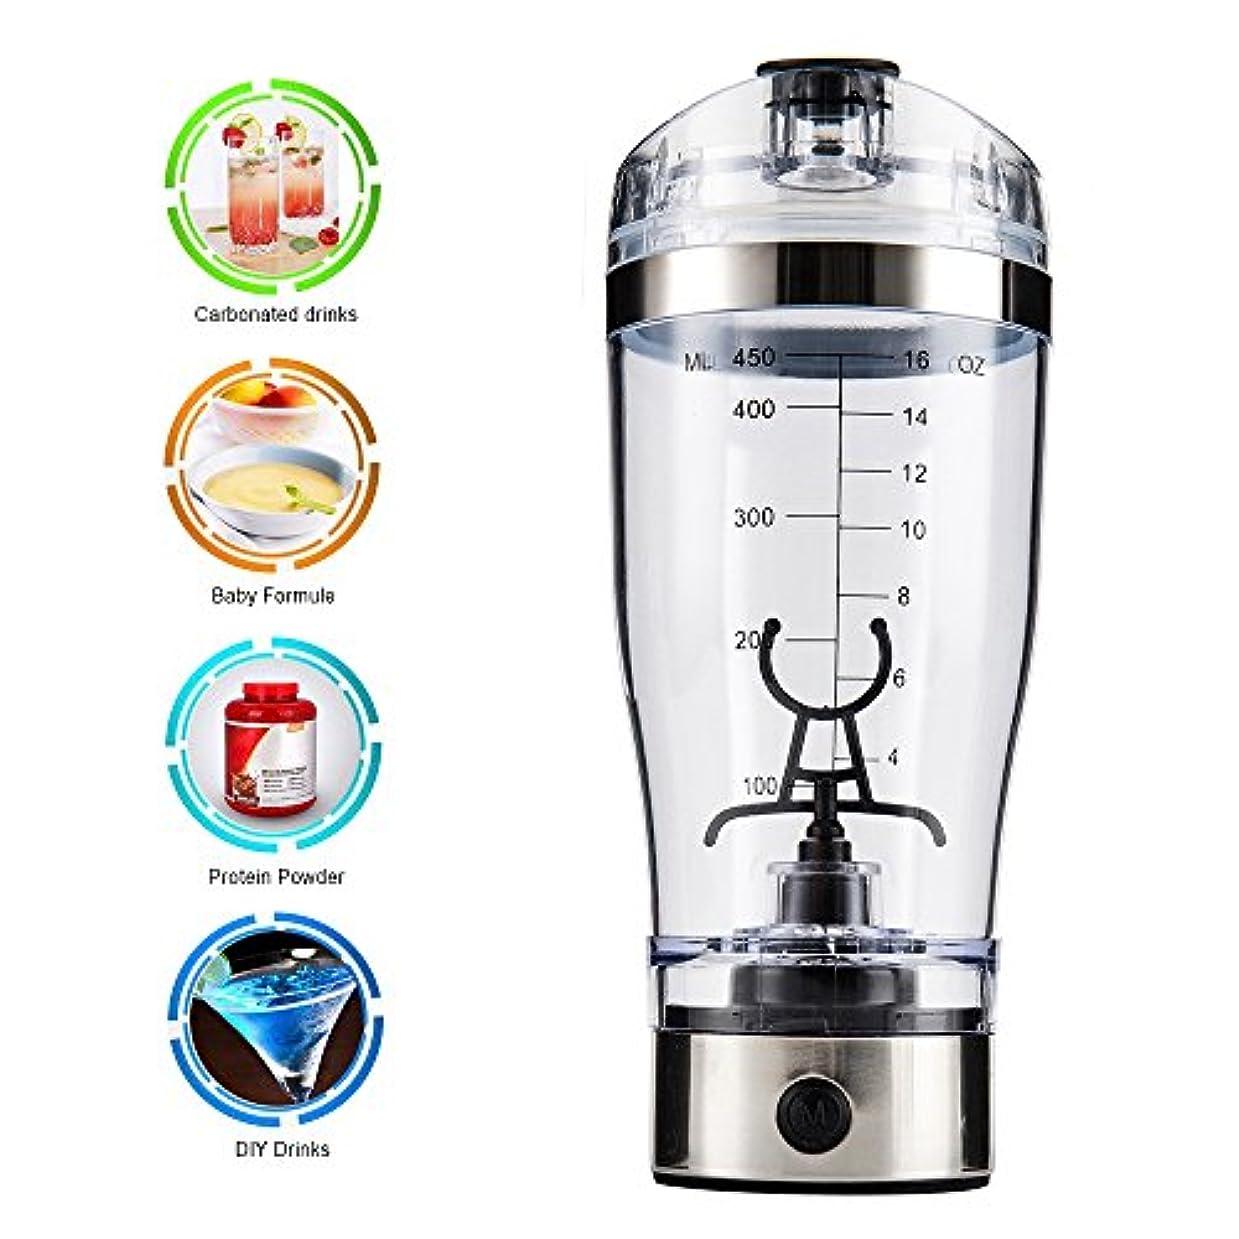 ホップミリメートル量でLittlegrass 電動シェーカー シェーカー 電動 耐熱 混ぜるカップ オート 電動式 食品グレード 高品質 450ml